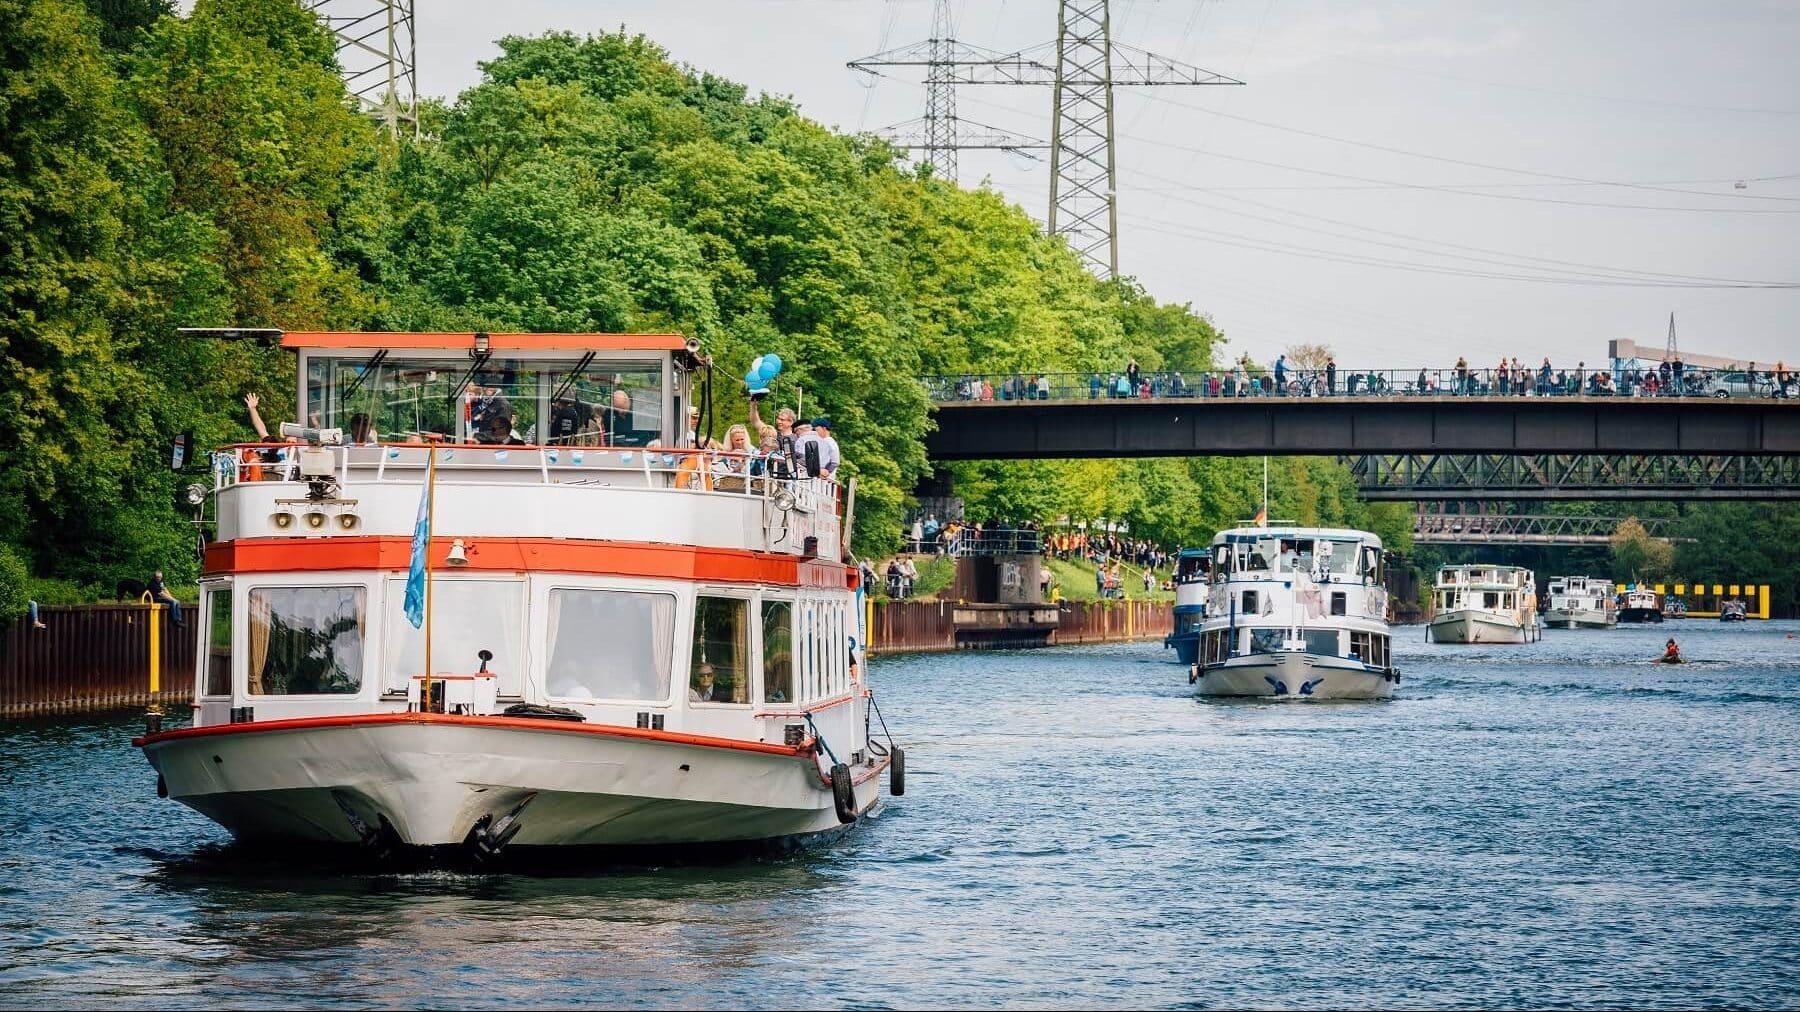 Schiffsparade Rhein-Herne-Kanal